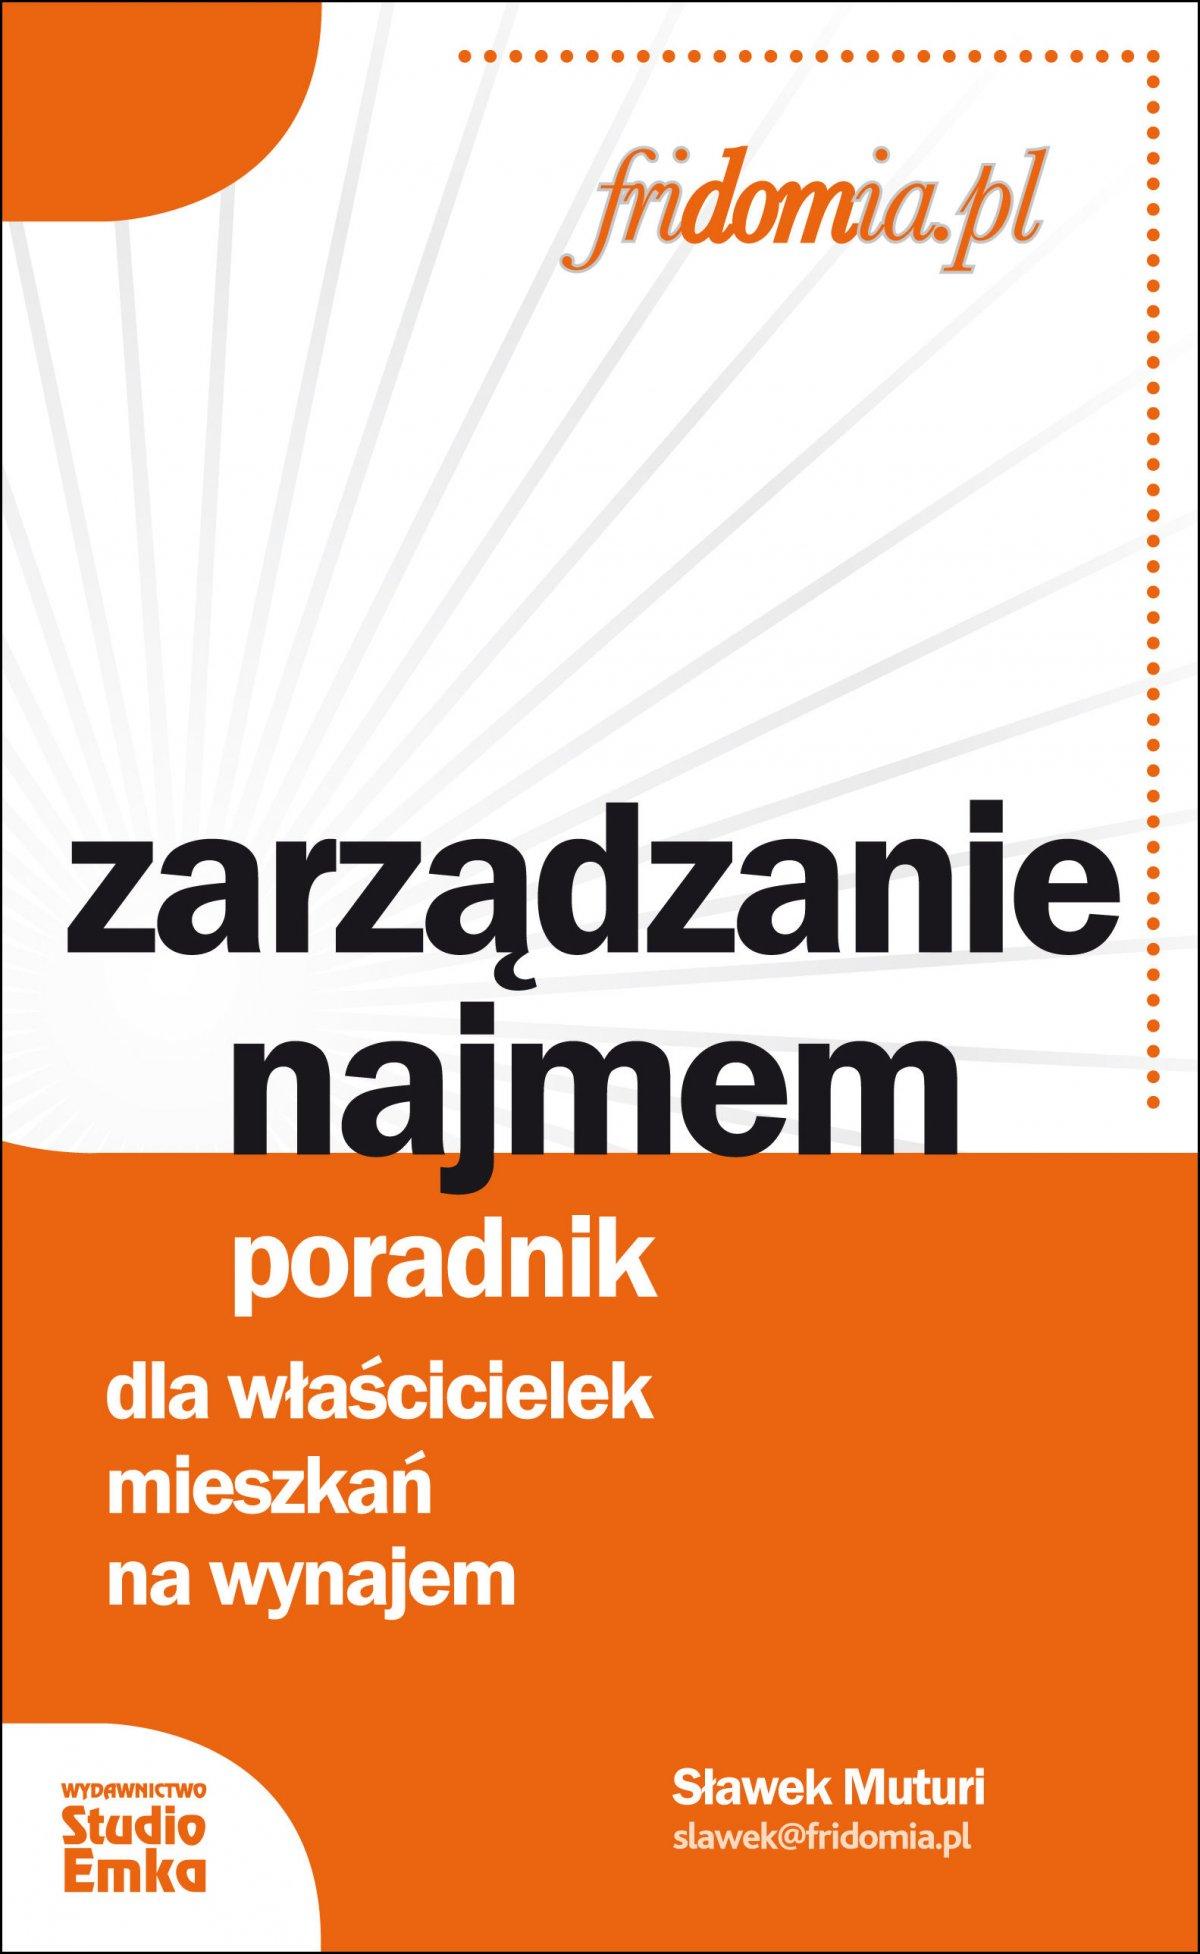 Zarządzanie najmem. Poradnik dla właścicielek mieszkań na wynajem - Ebook (Książka EPUB) do pobrania w formacie EPUB